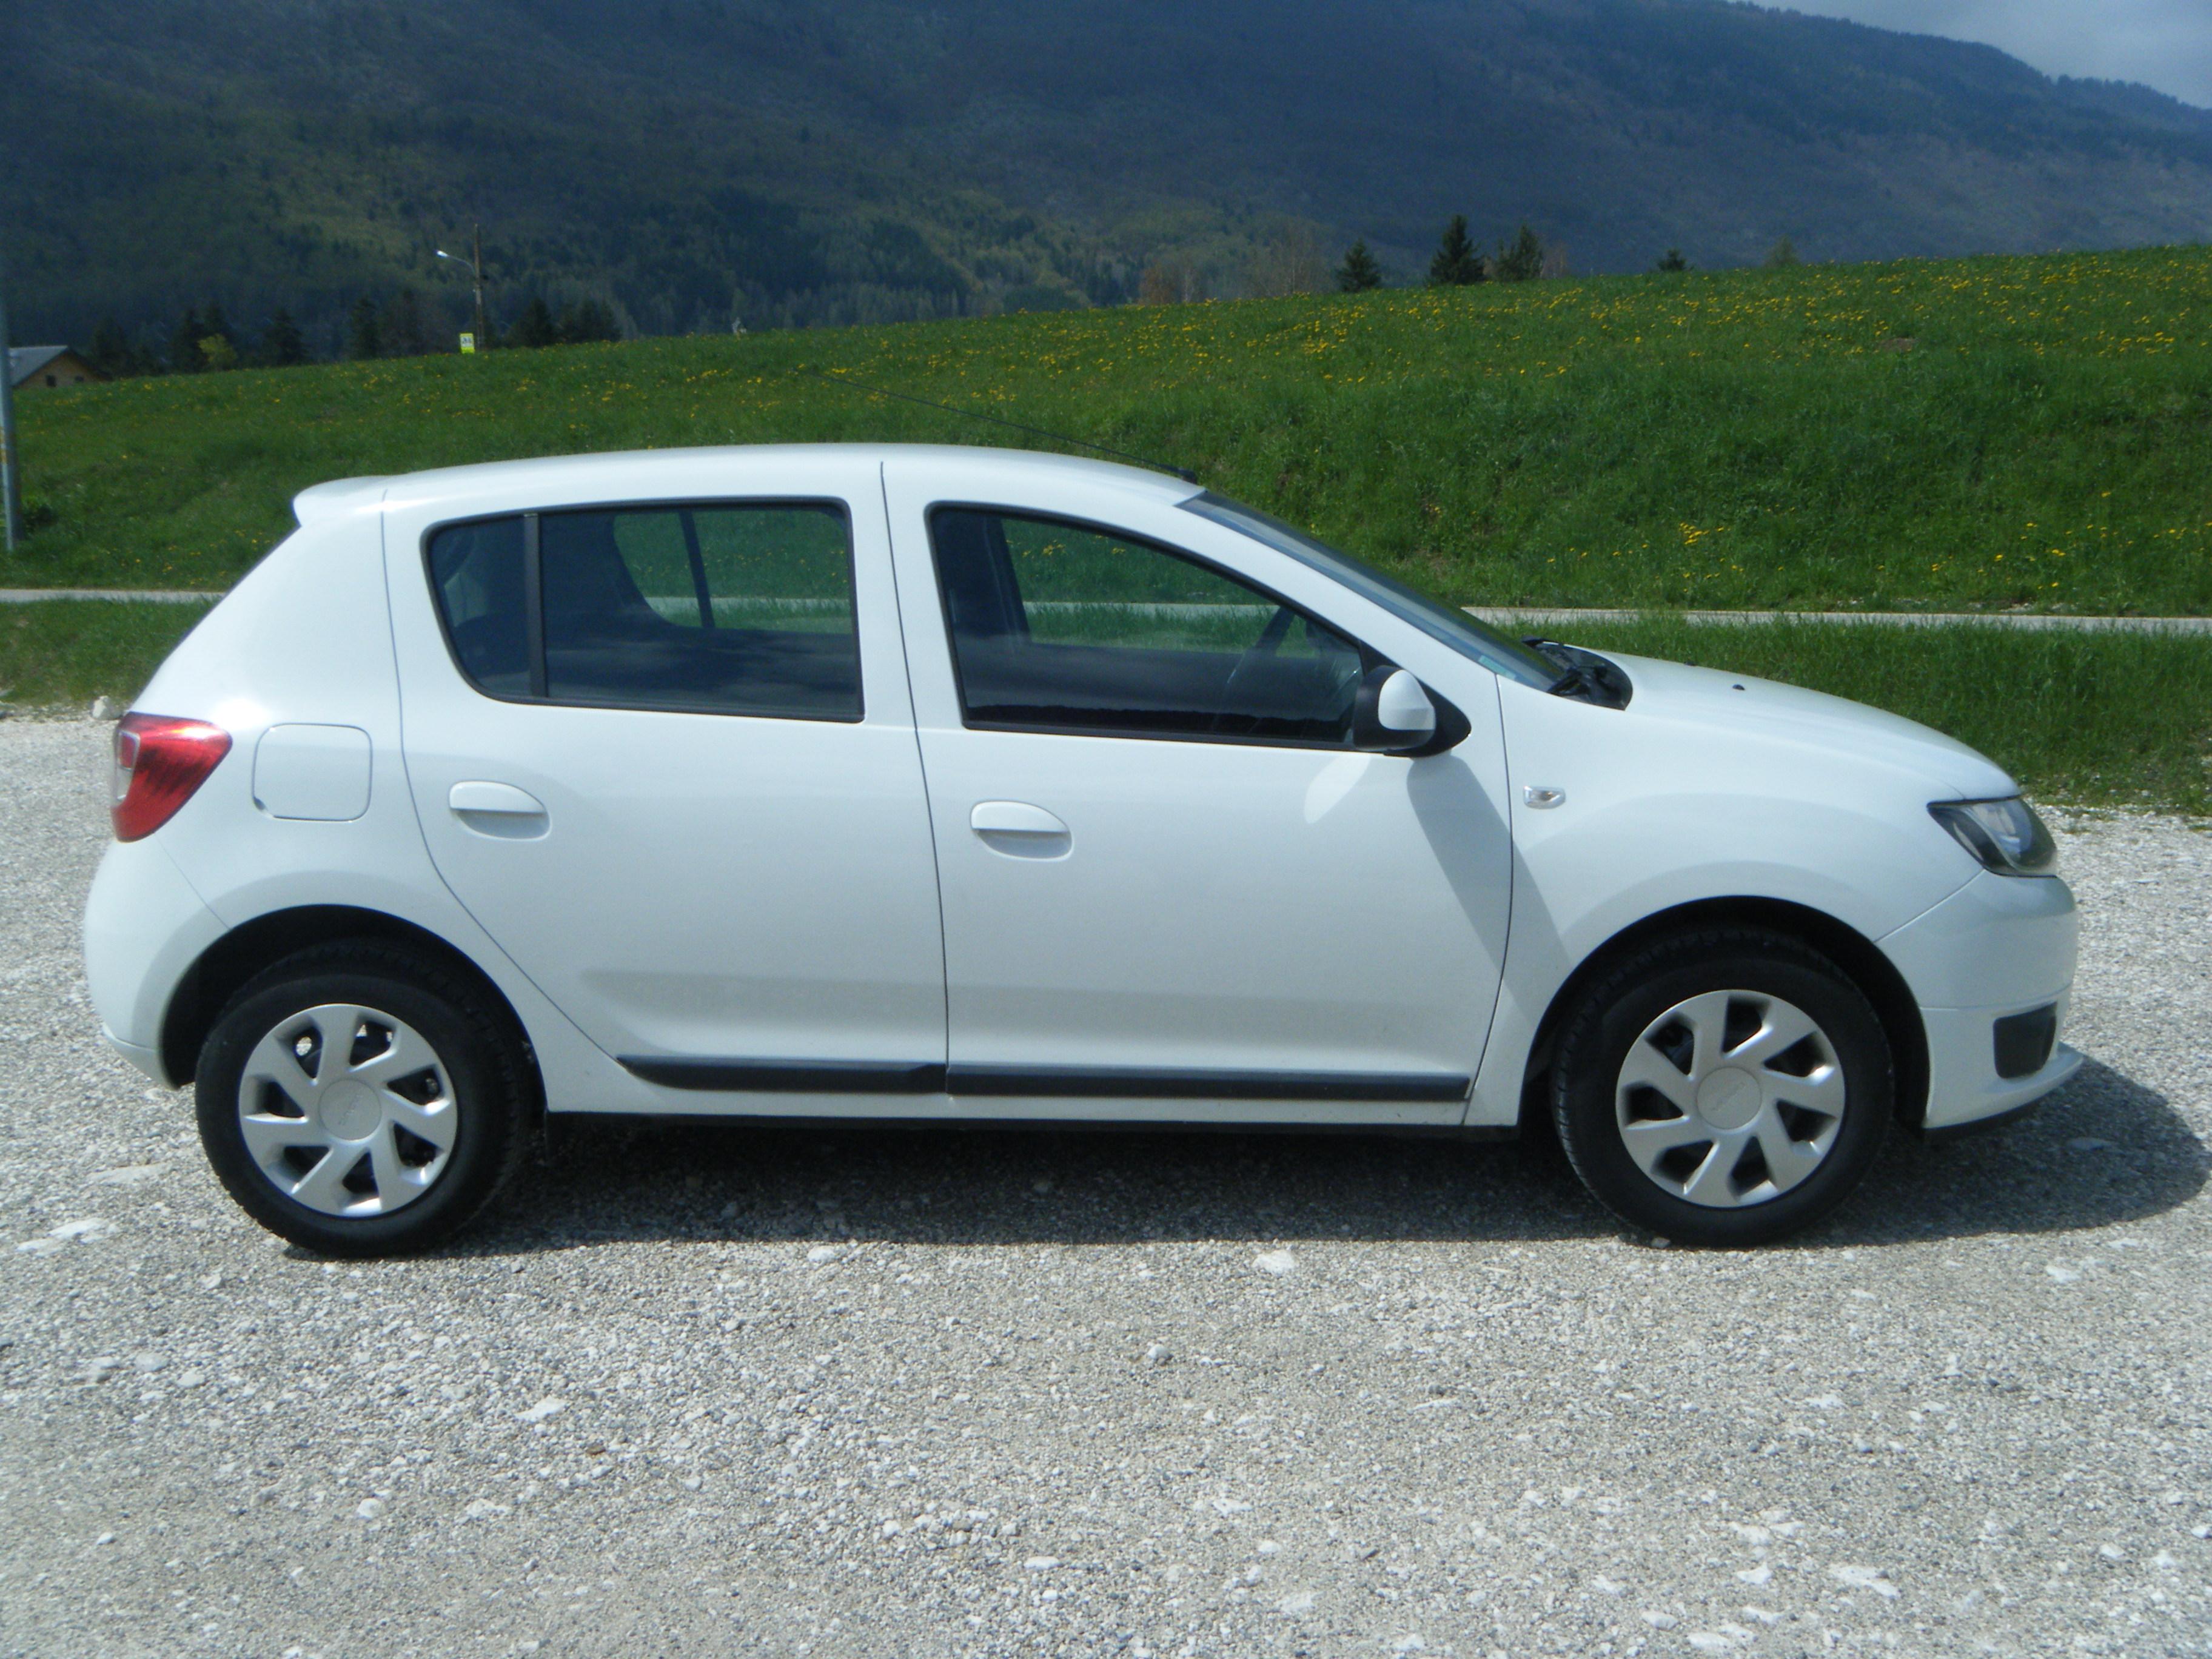 Dacia Sandero White Paint Code